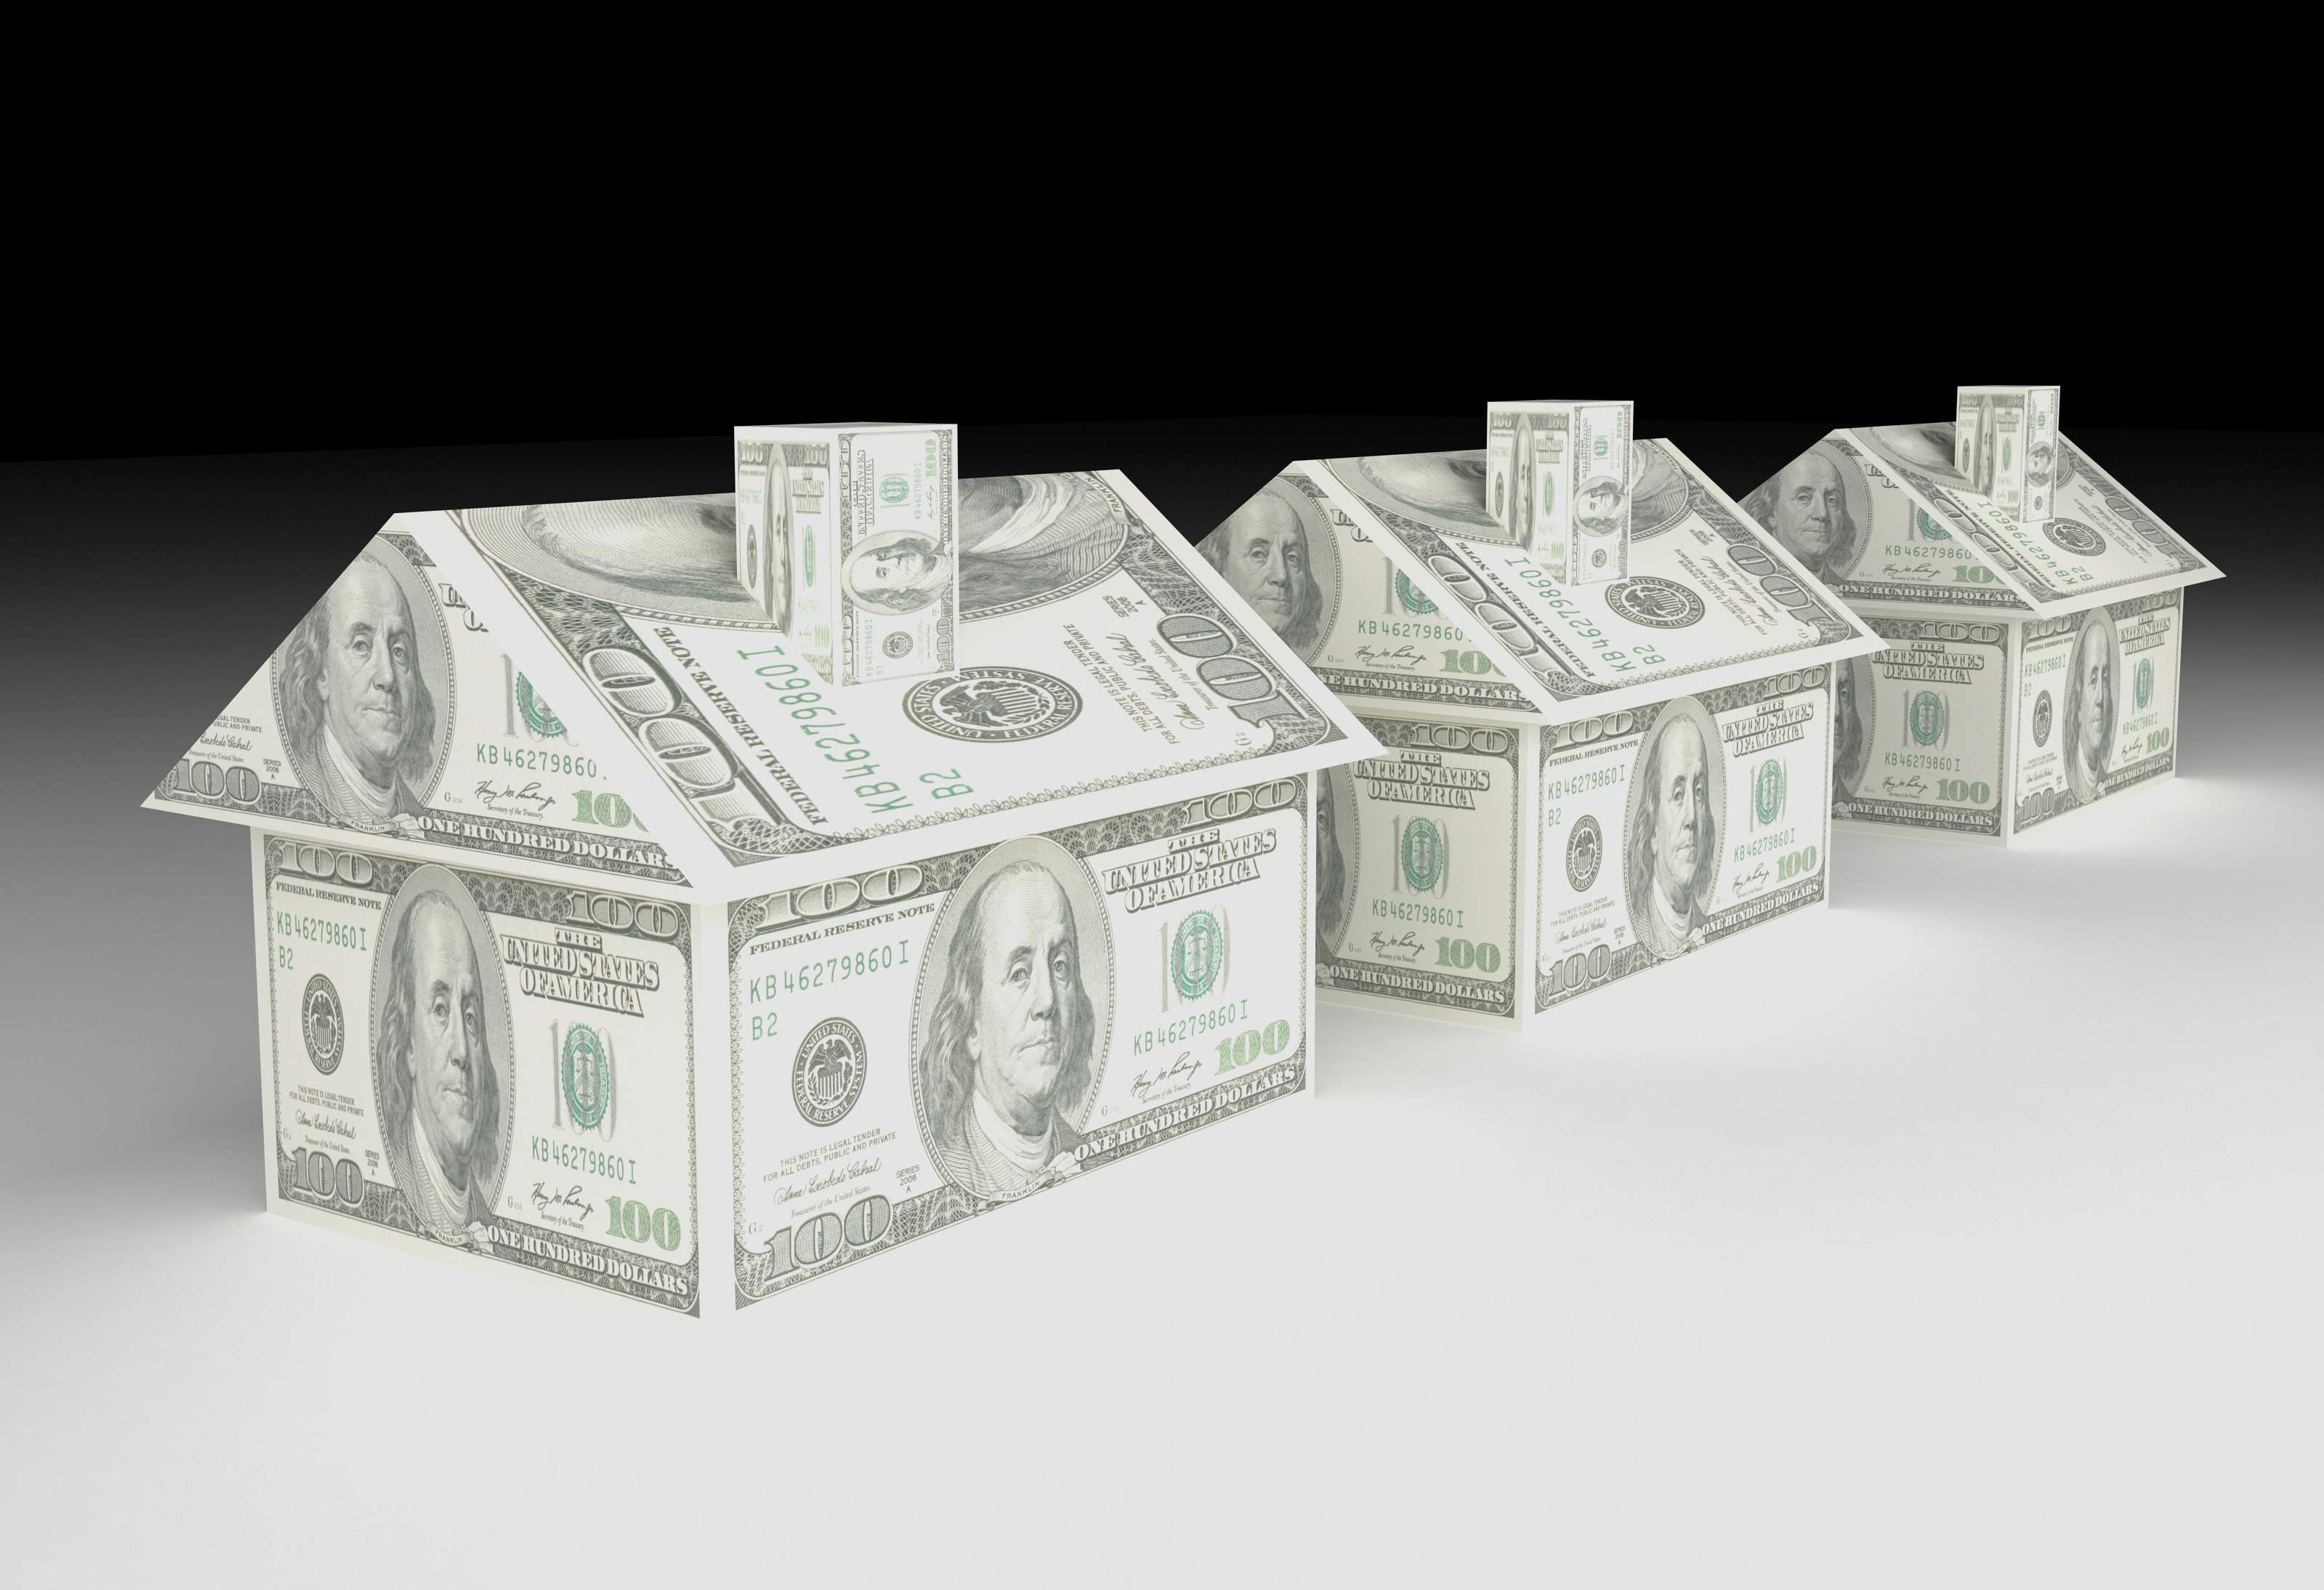 Tax filing responsibilities of estate executors